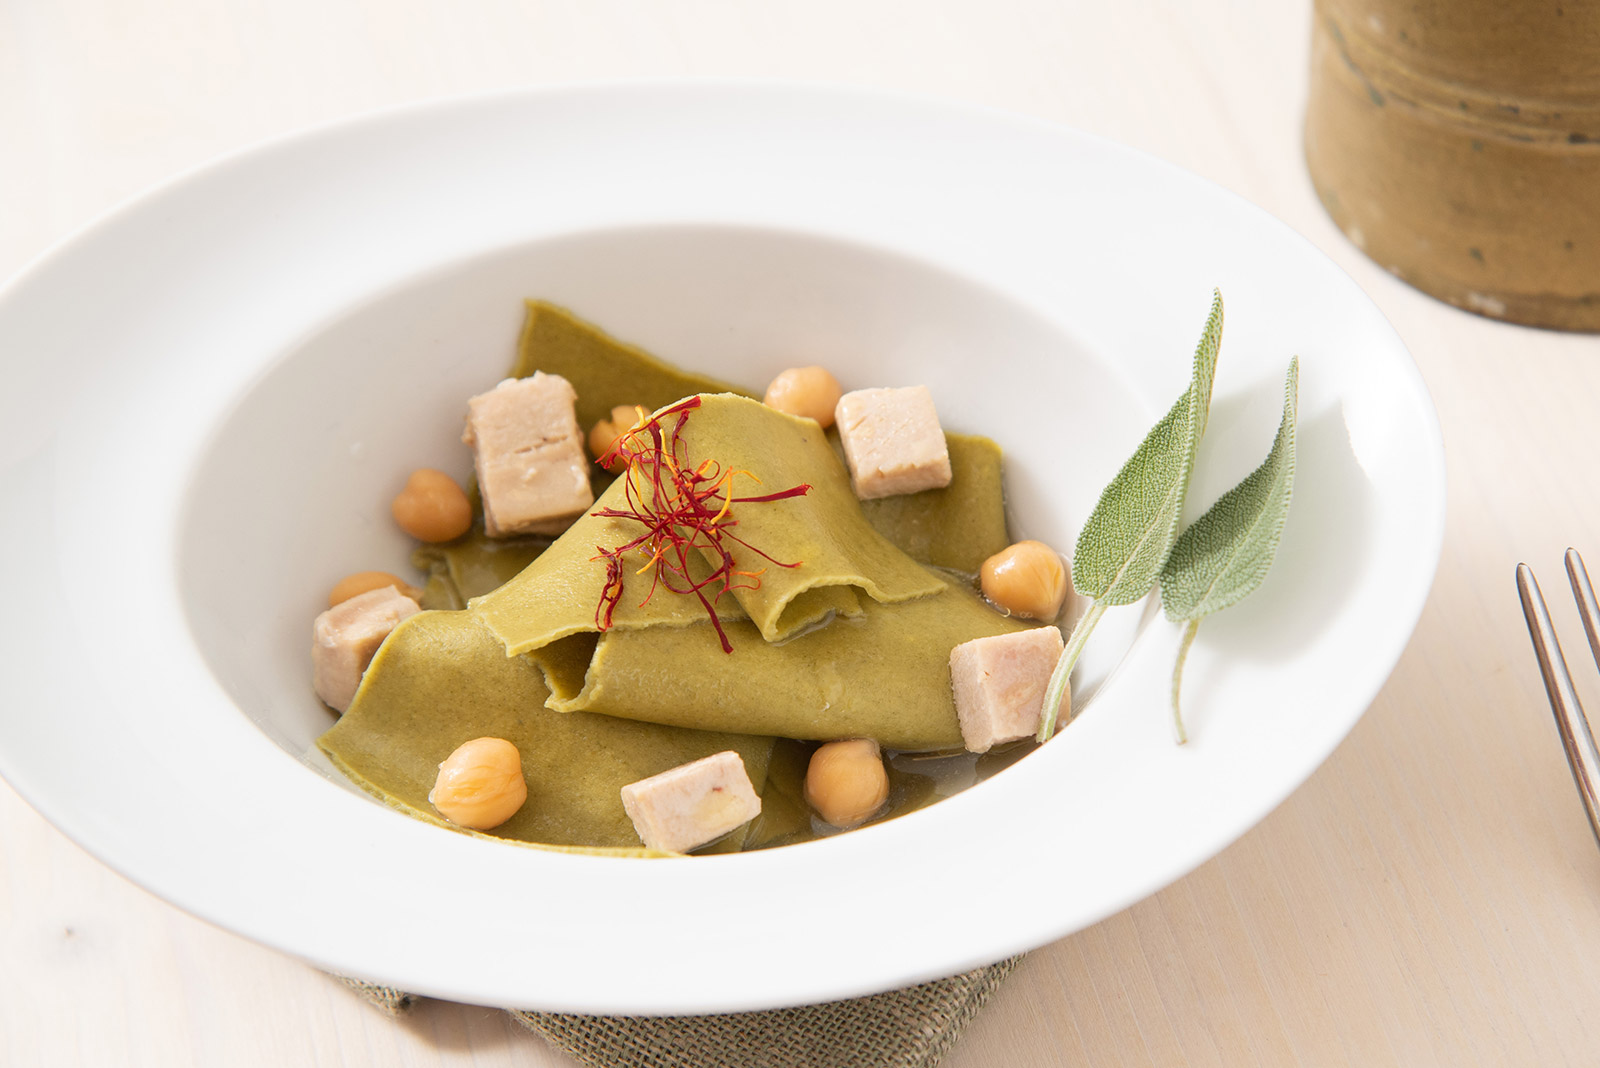 Ricetta Maltagliati verdi con zuppetta di ceci e tonno scatto allo zafferano - Pasta di Venezia